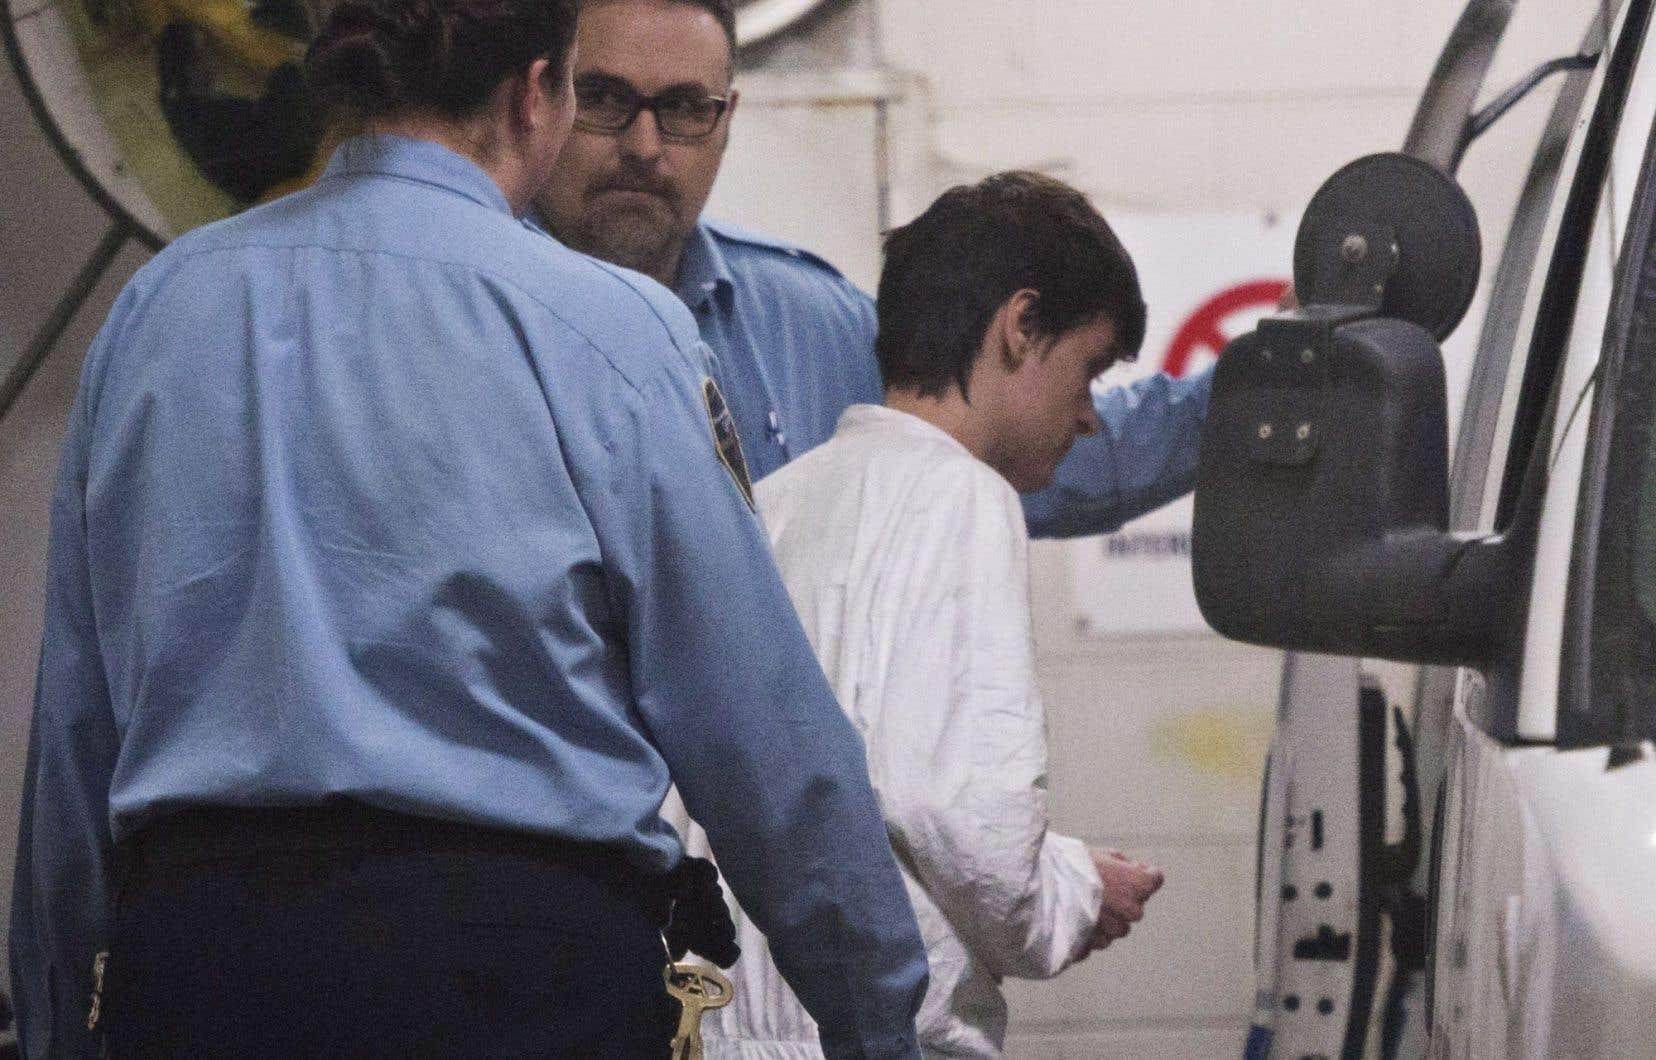 Le suspect, Alexandre Bissonnette, a été escorté par la police après sa brève comparution au palais de justice de Québec, lundi.